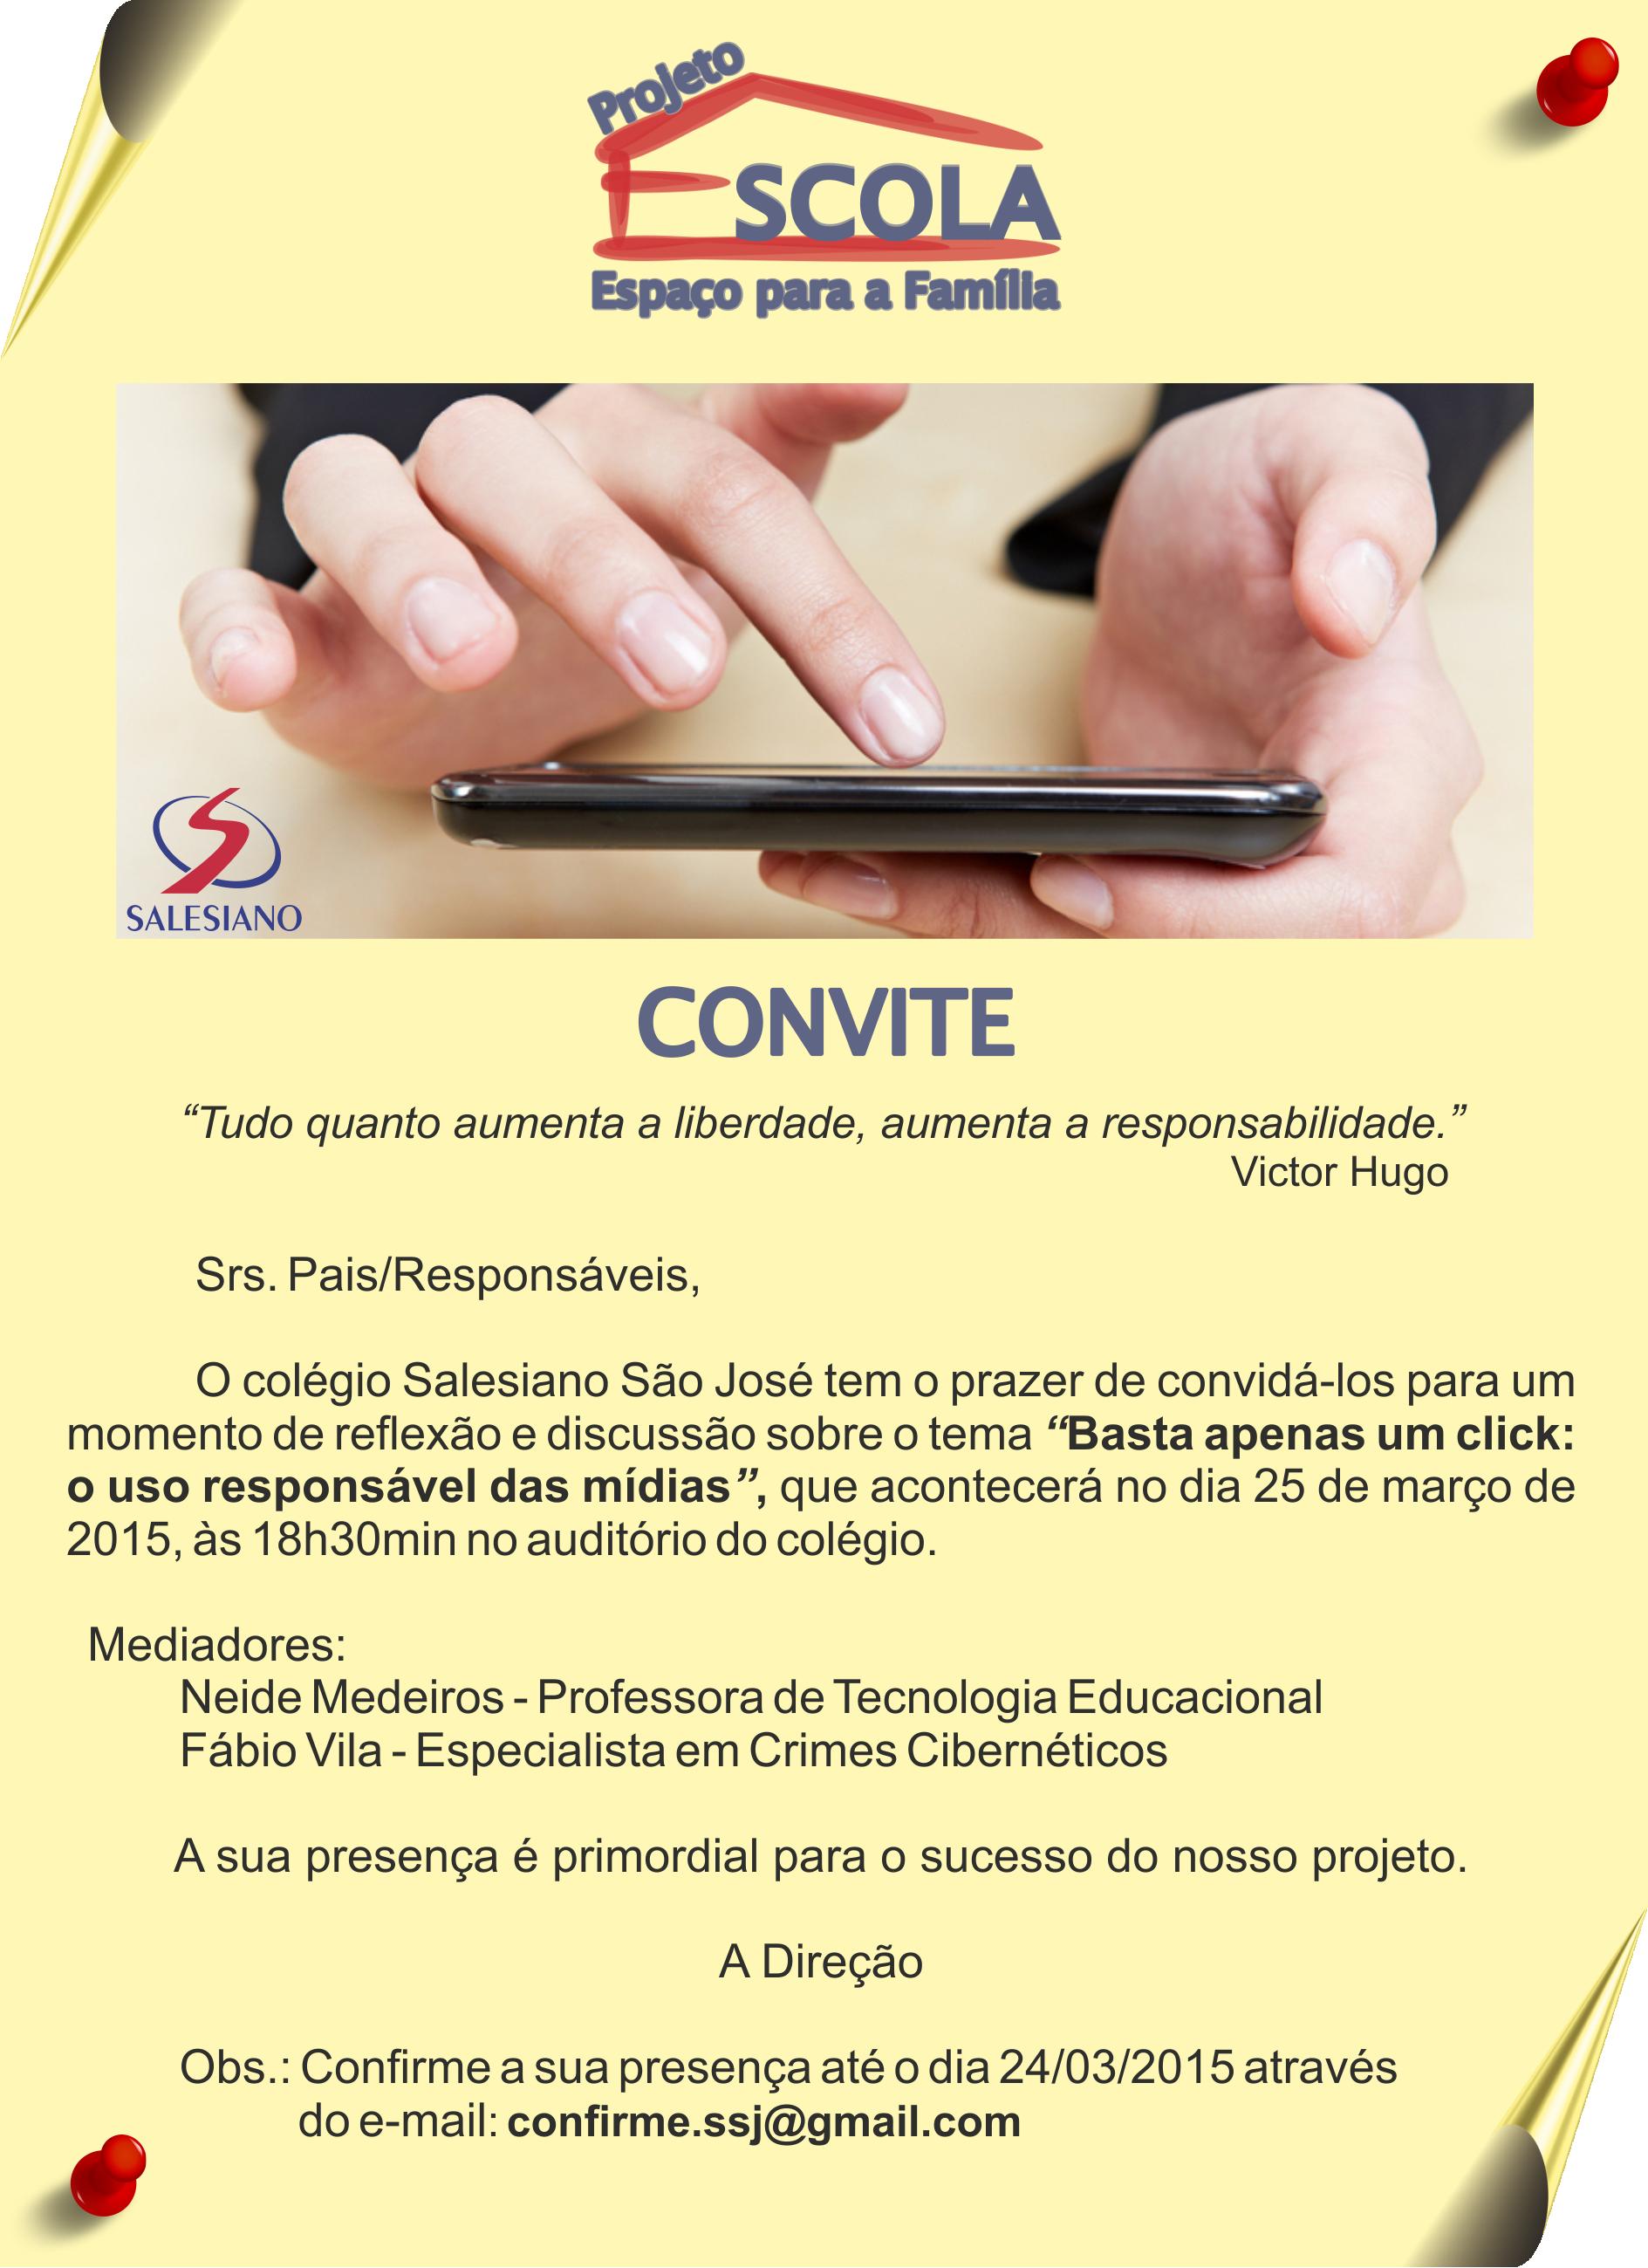 Convite_projeto_escola_espa_o_para_a_fam_lia_1